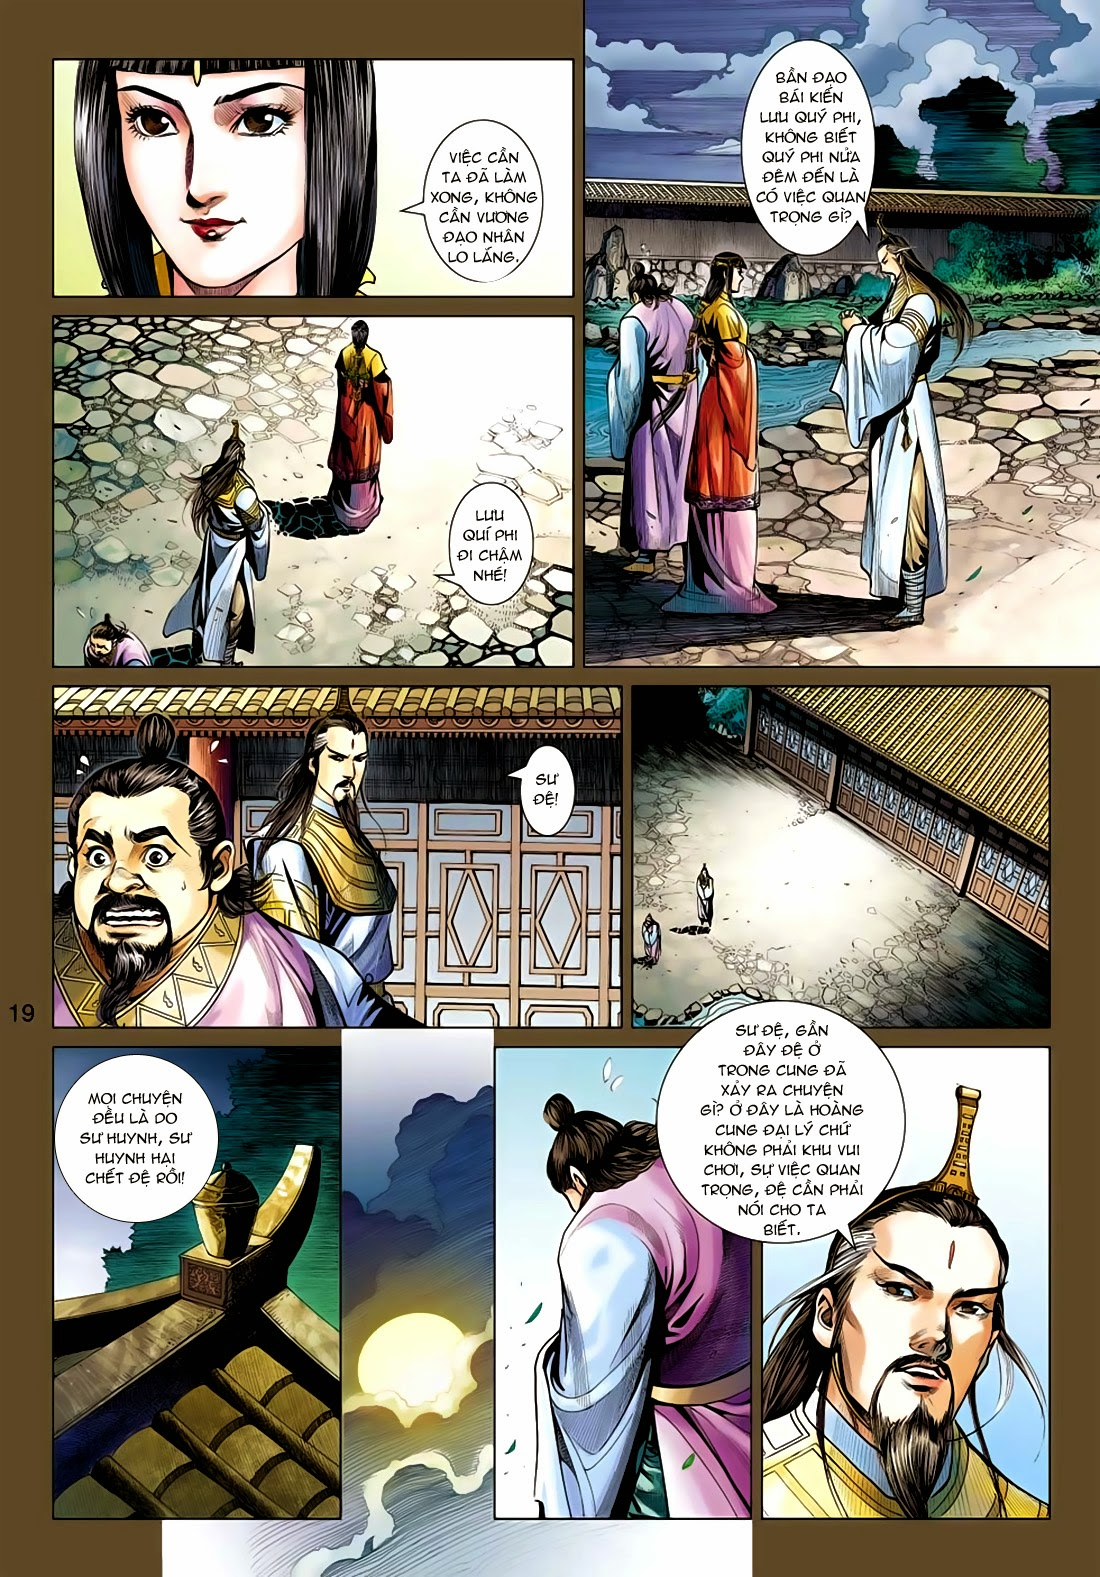 Anh Hùng Xạ Điêu anh hùng xạ đêu chap 77: thế thượng tối cường võ công trang 19